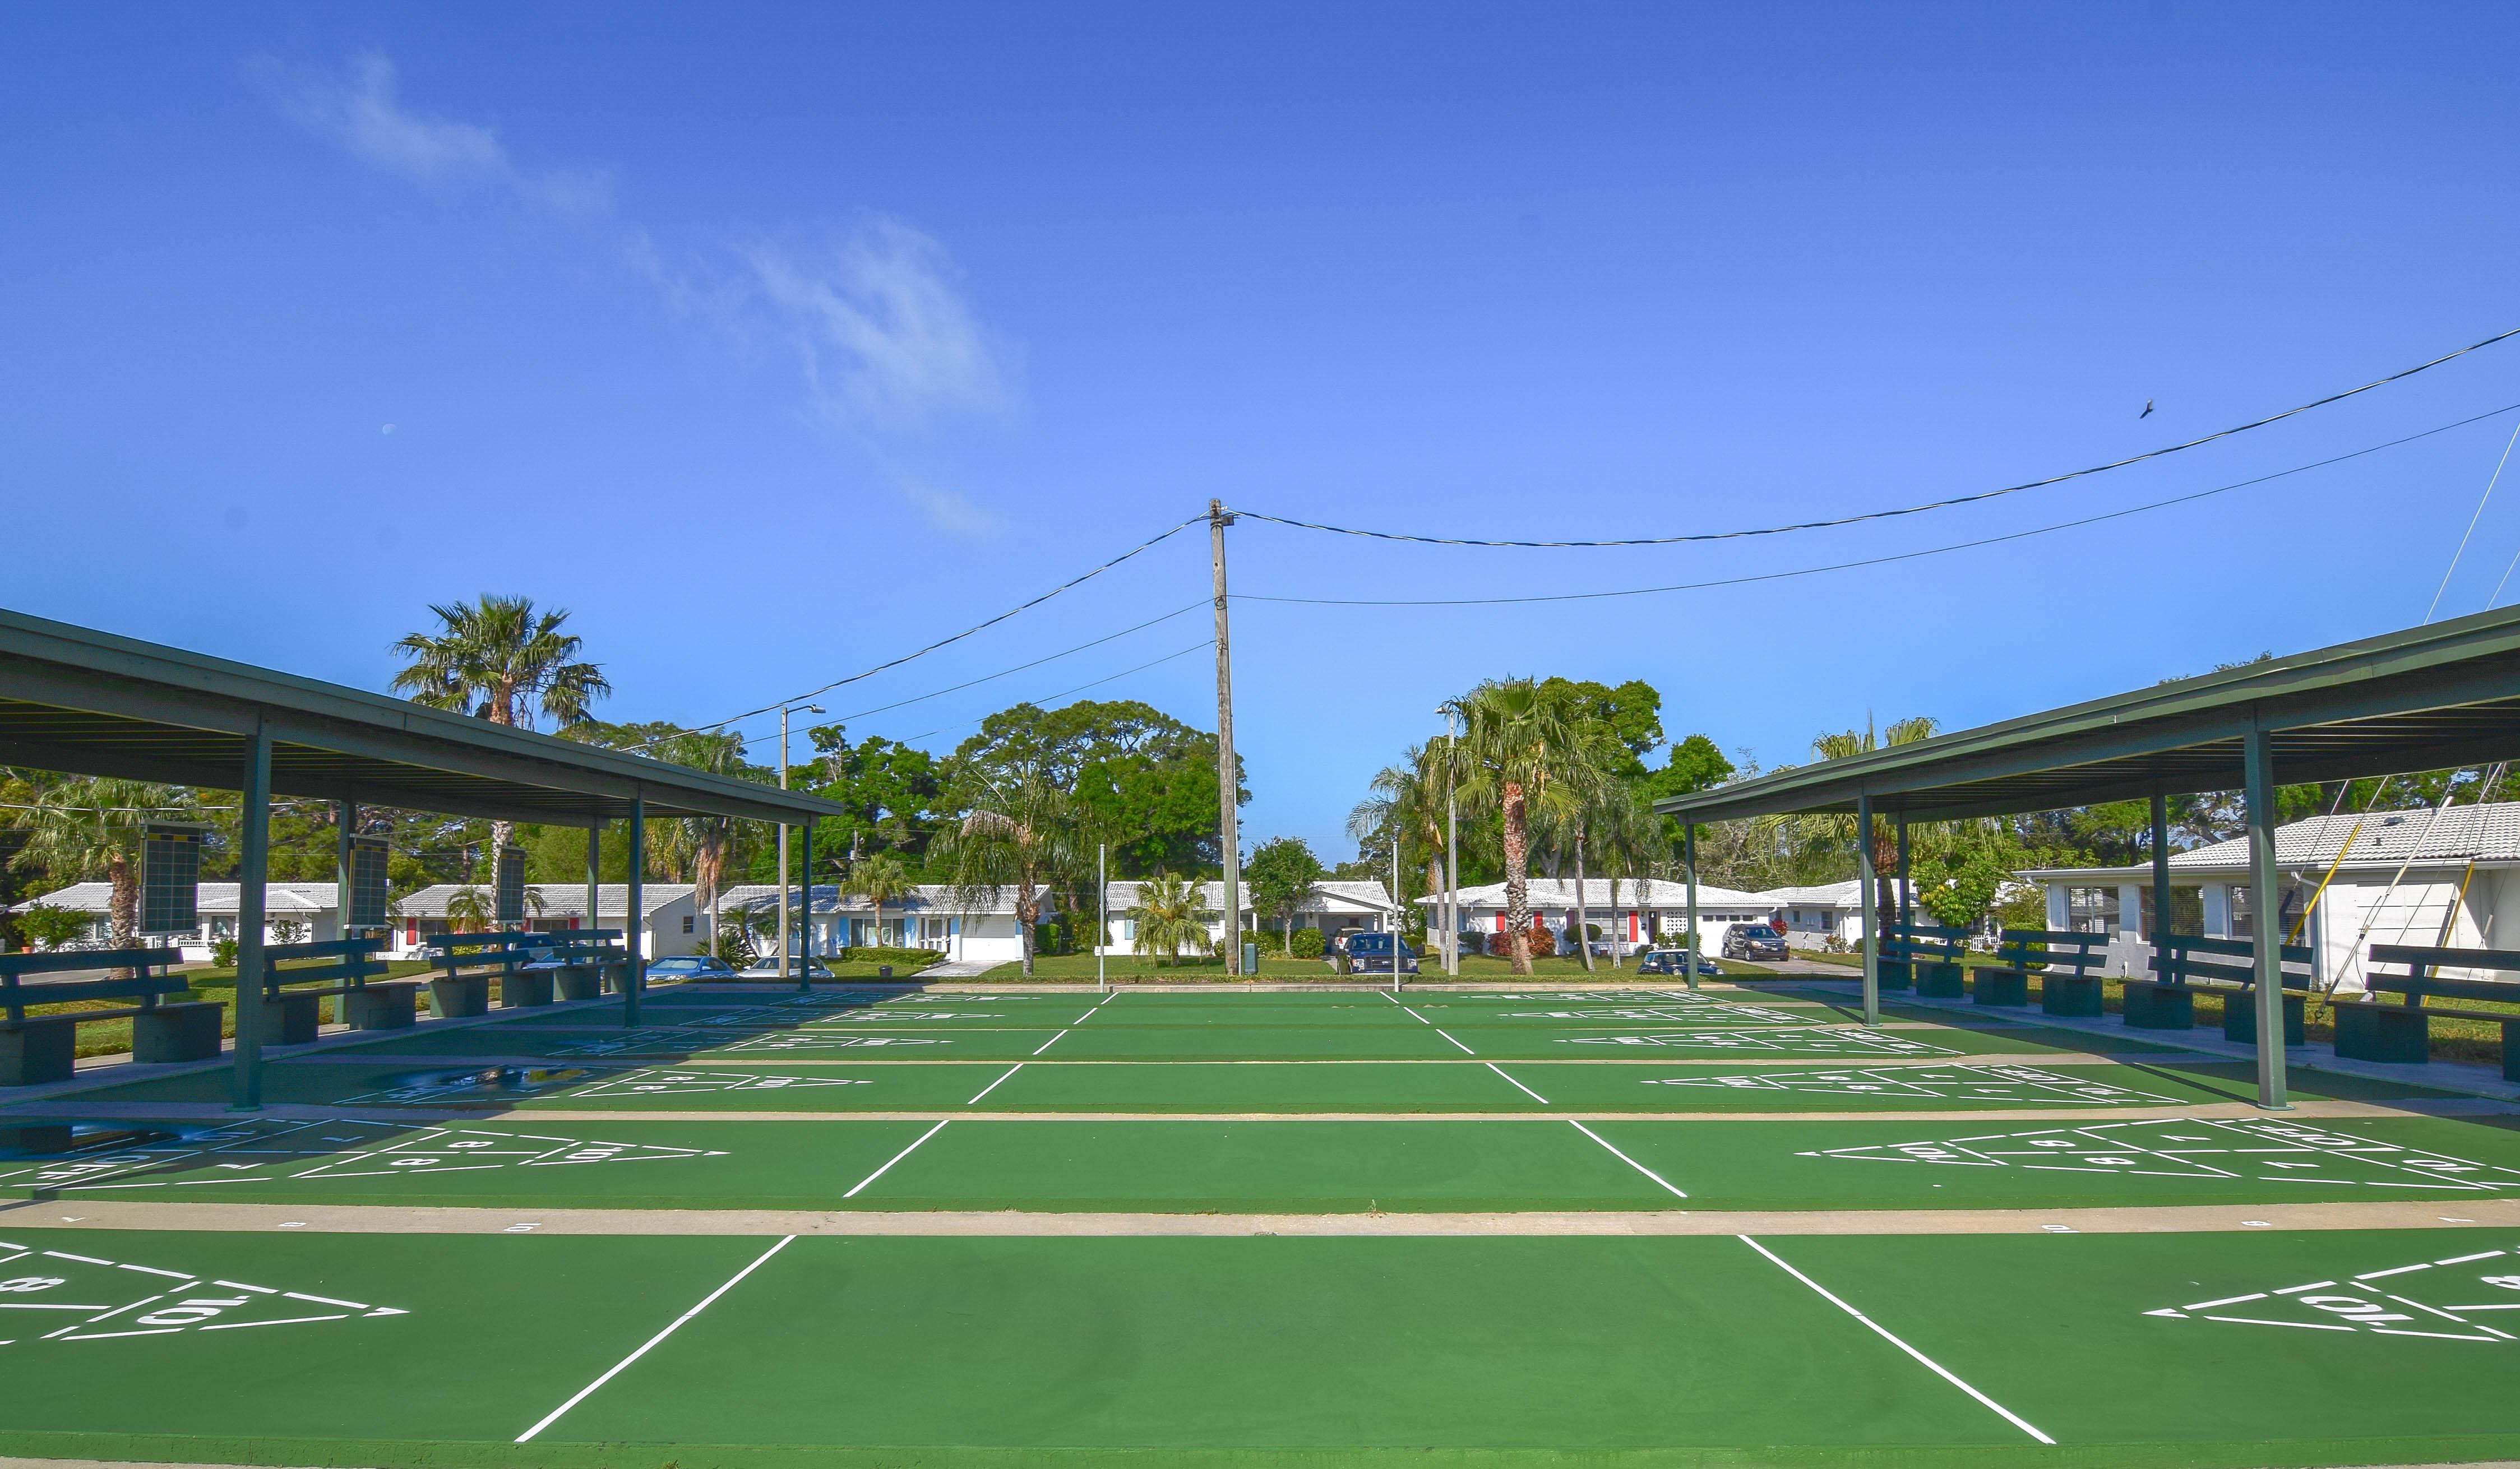 Shuffleboard Courts at Tamarac by the Gulf